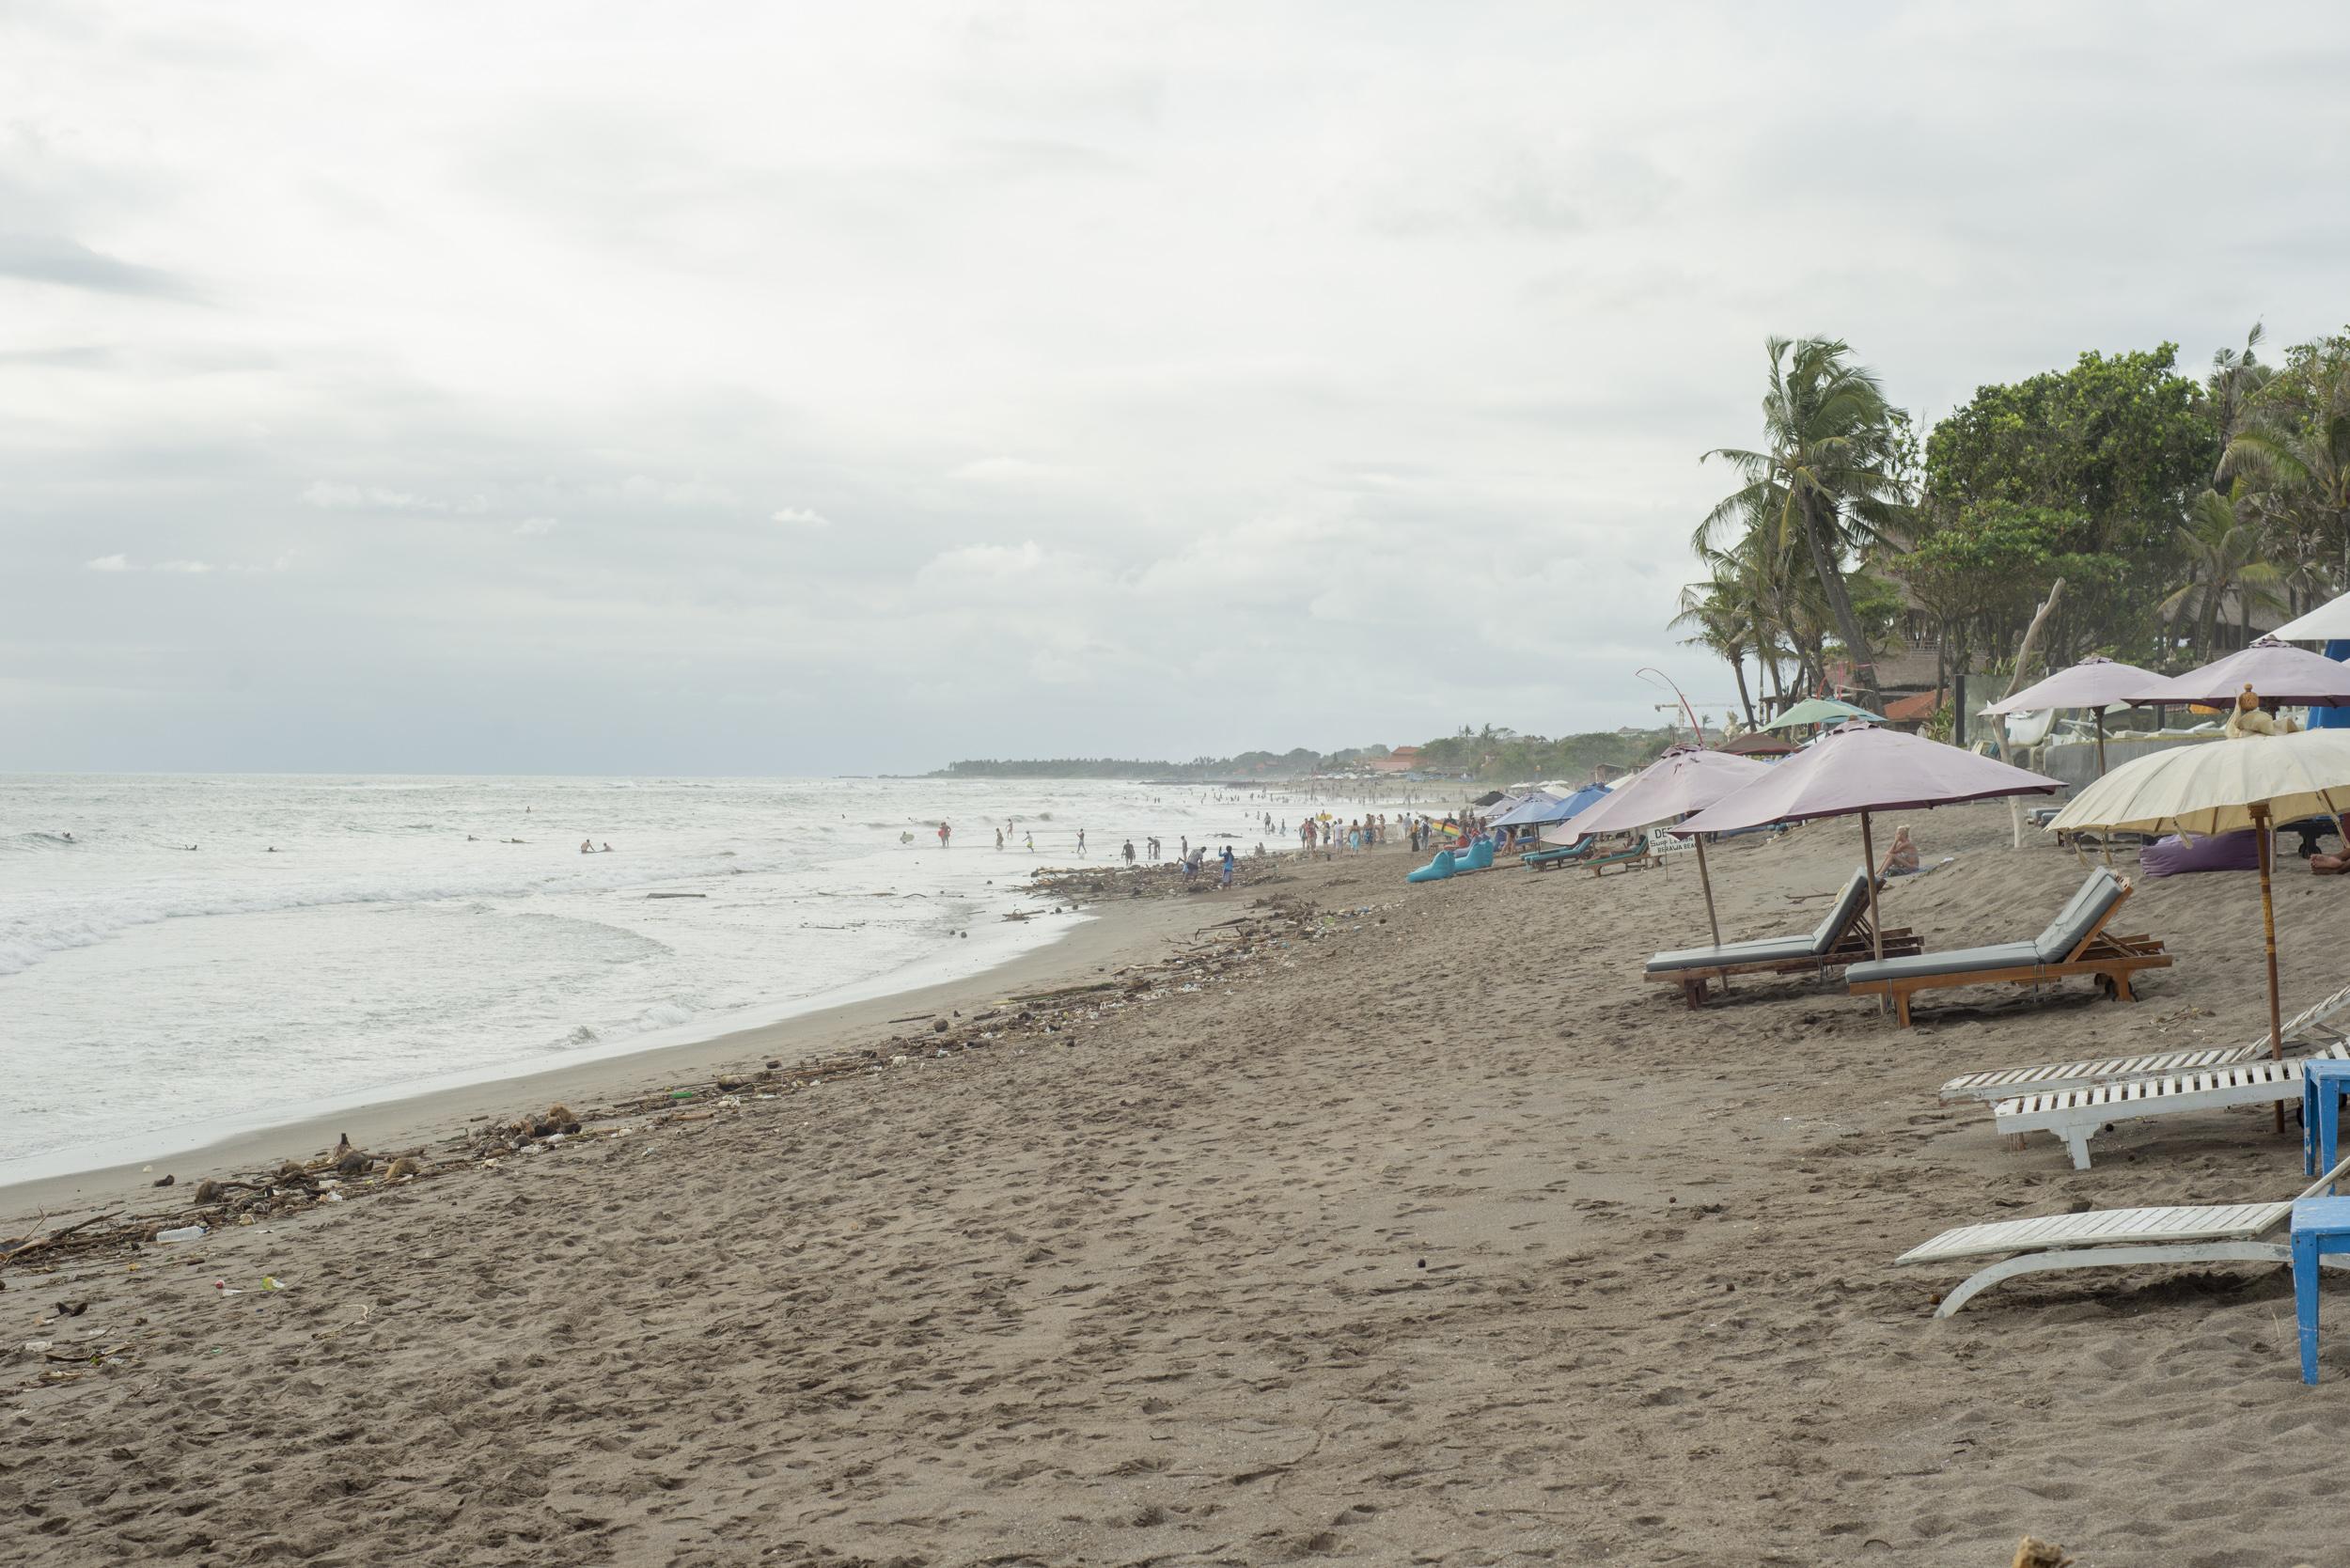 Bali0219-2021.jpg